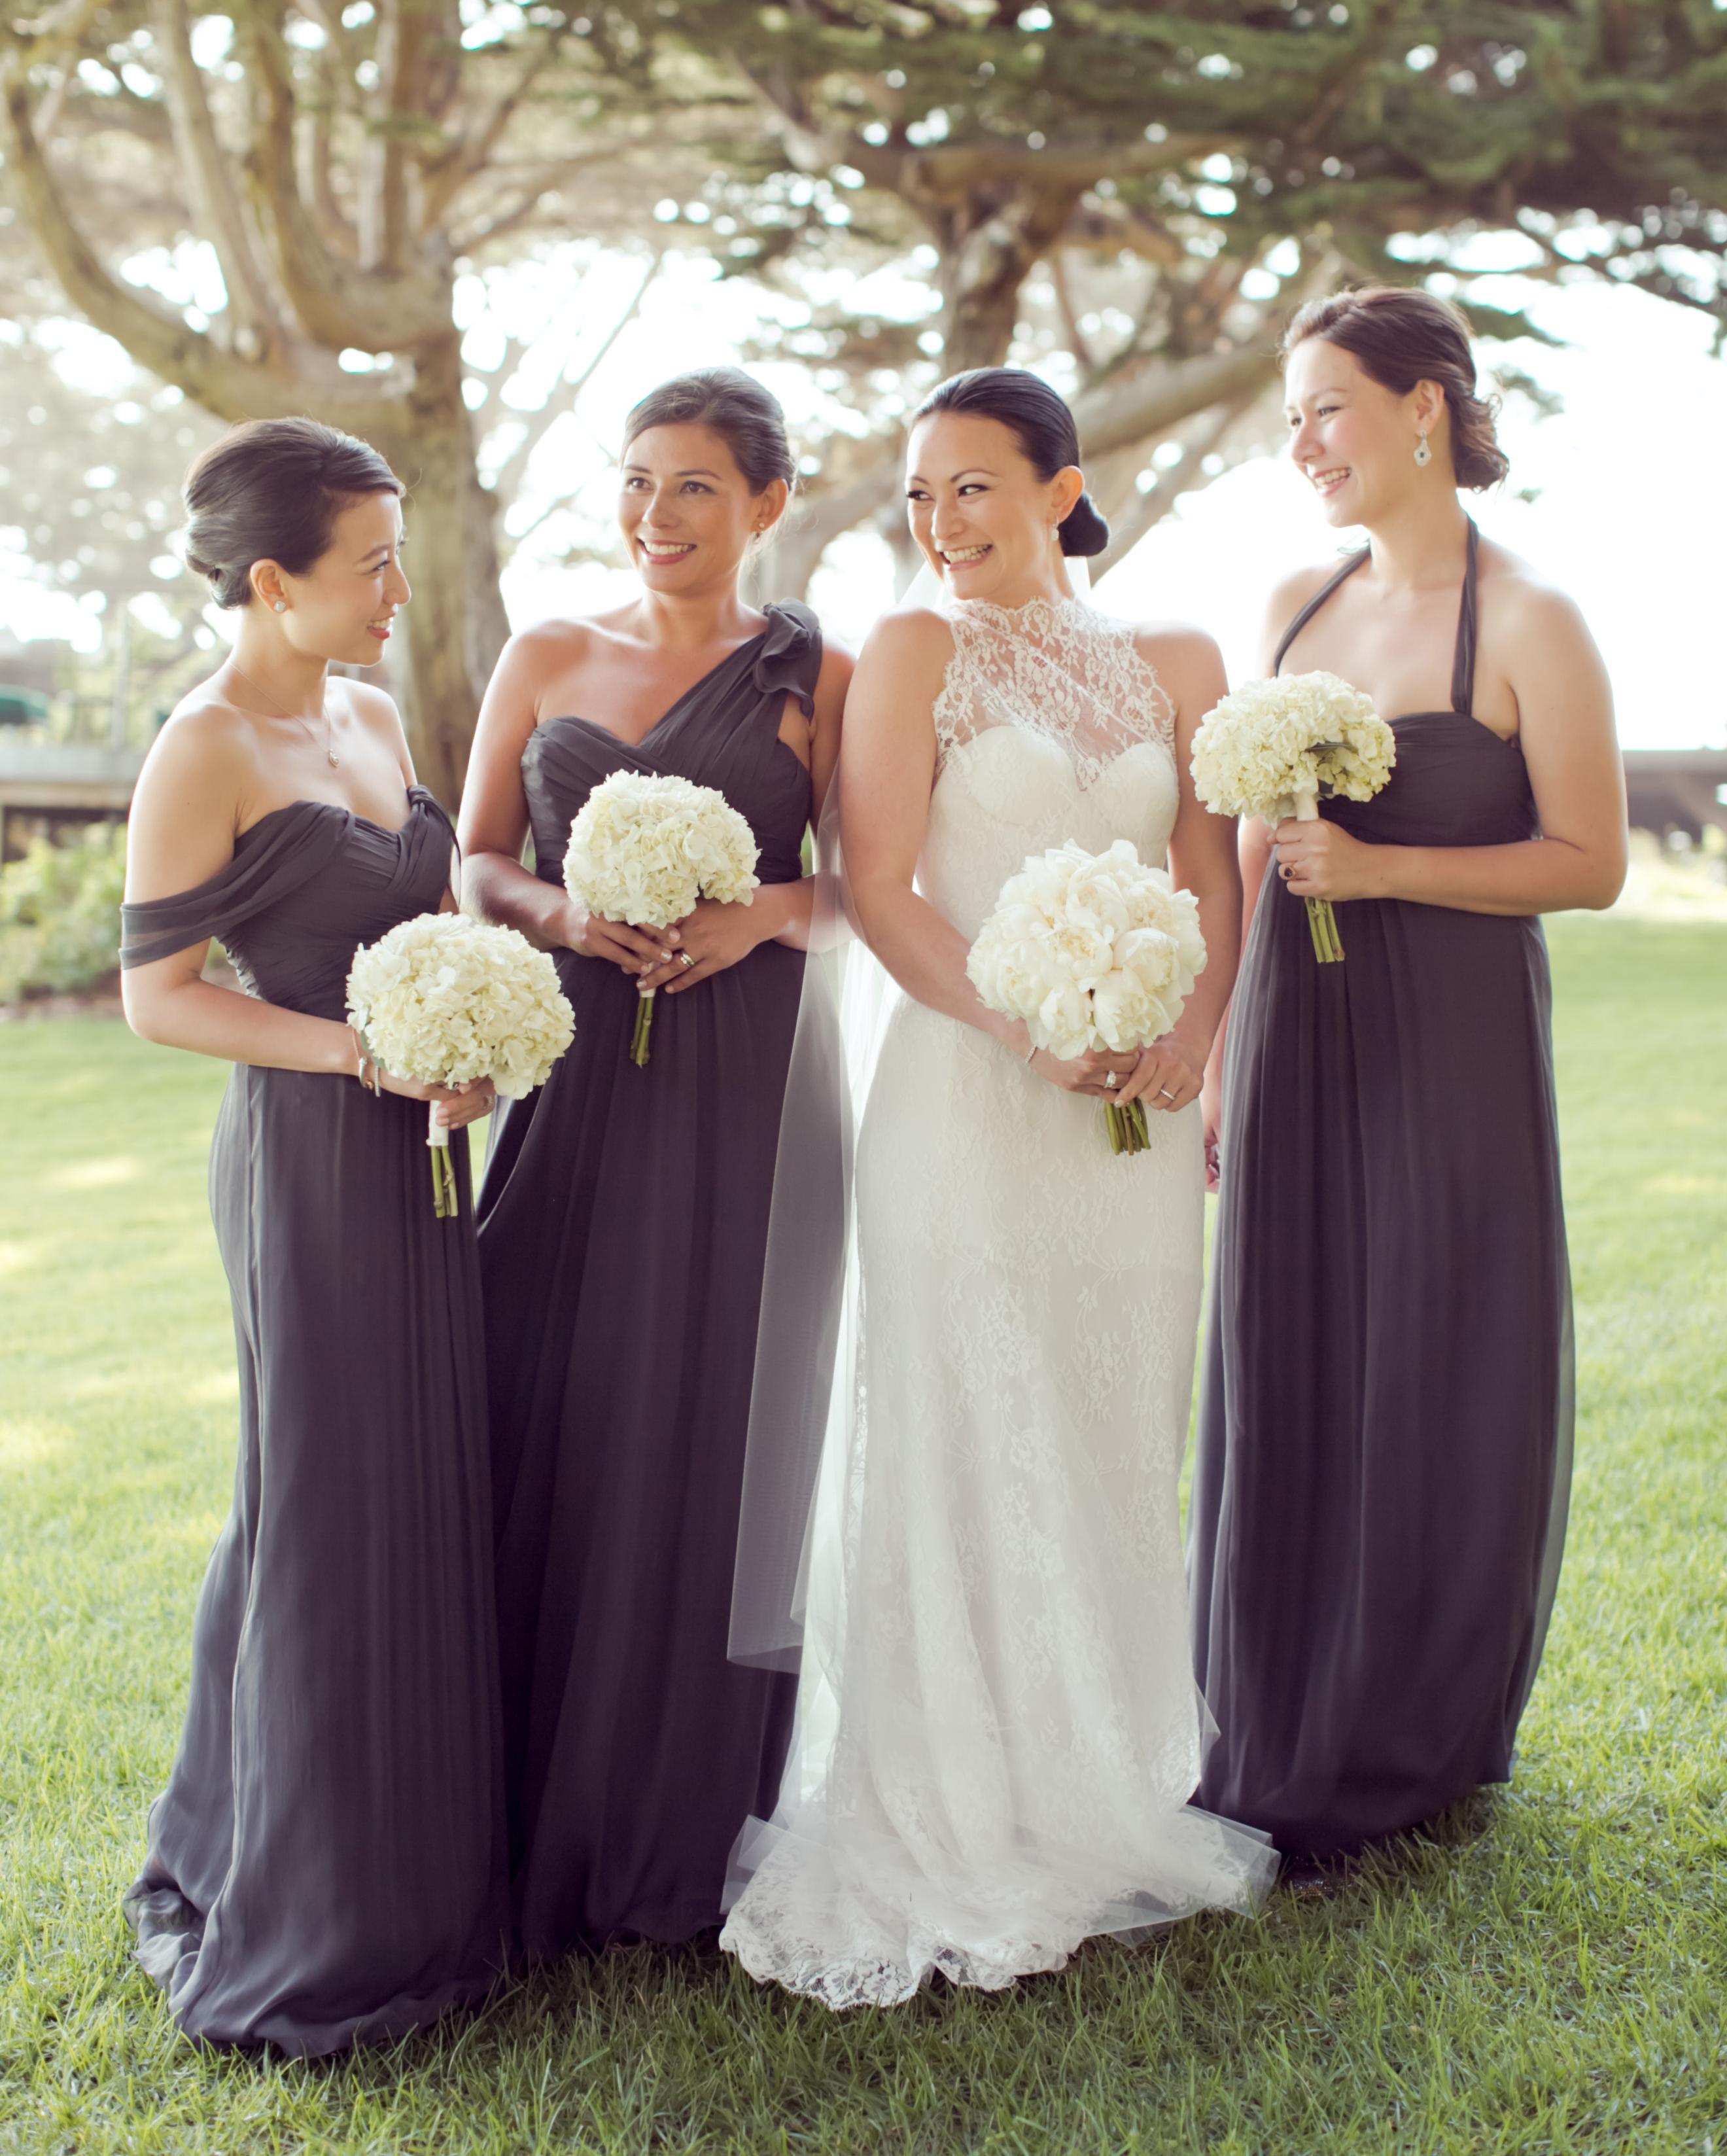 emma-michelle-wedding-bridesmaids-0793-s112079-0715.jpg